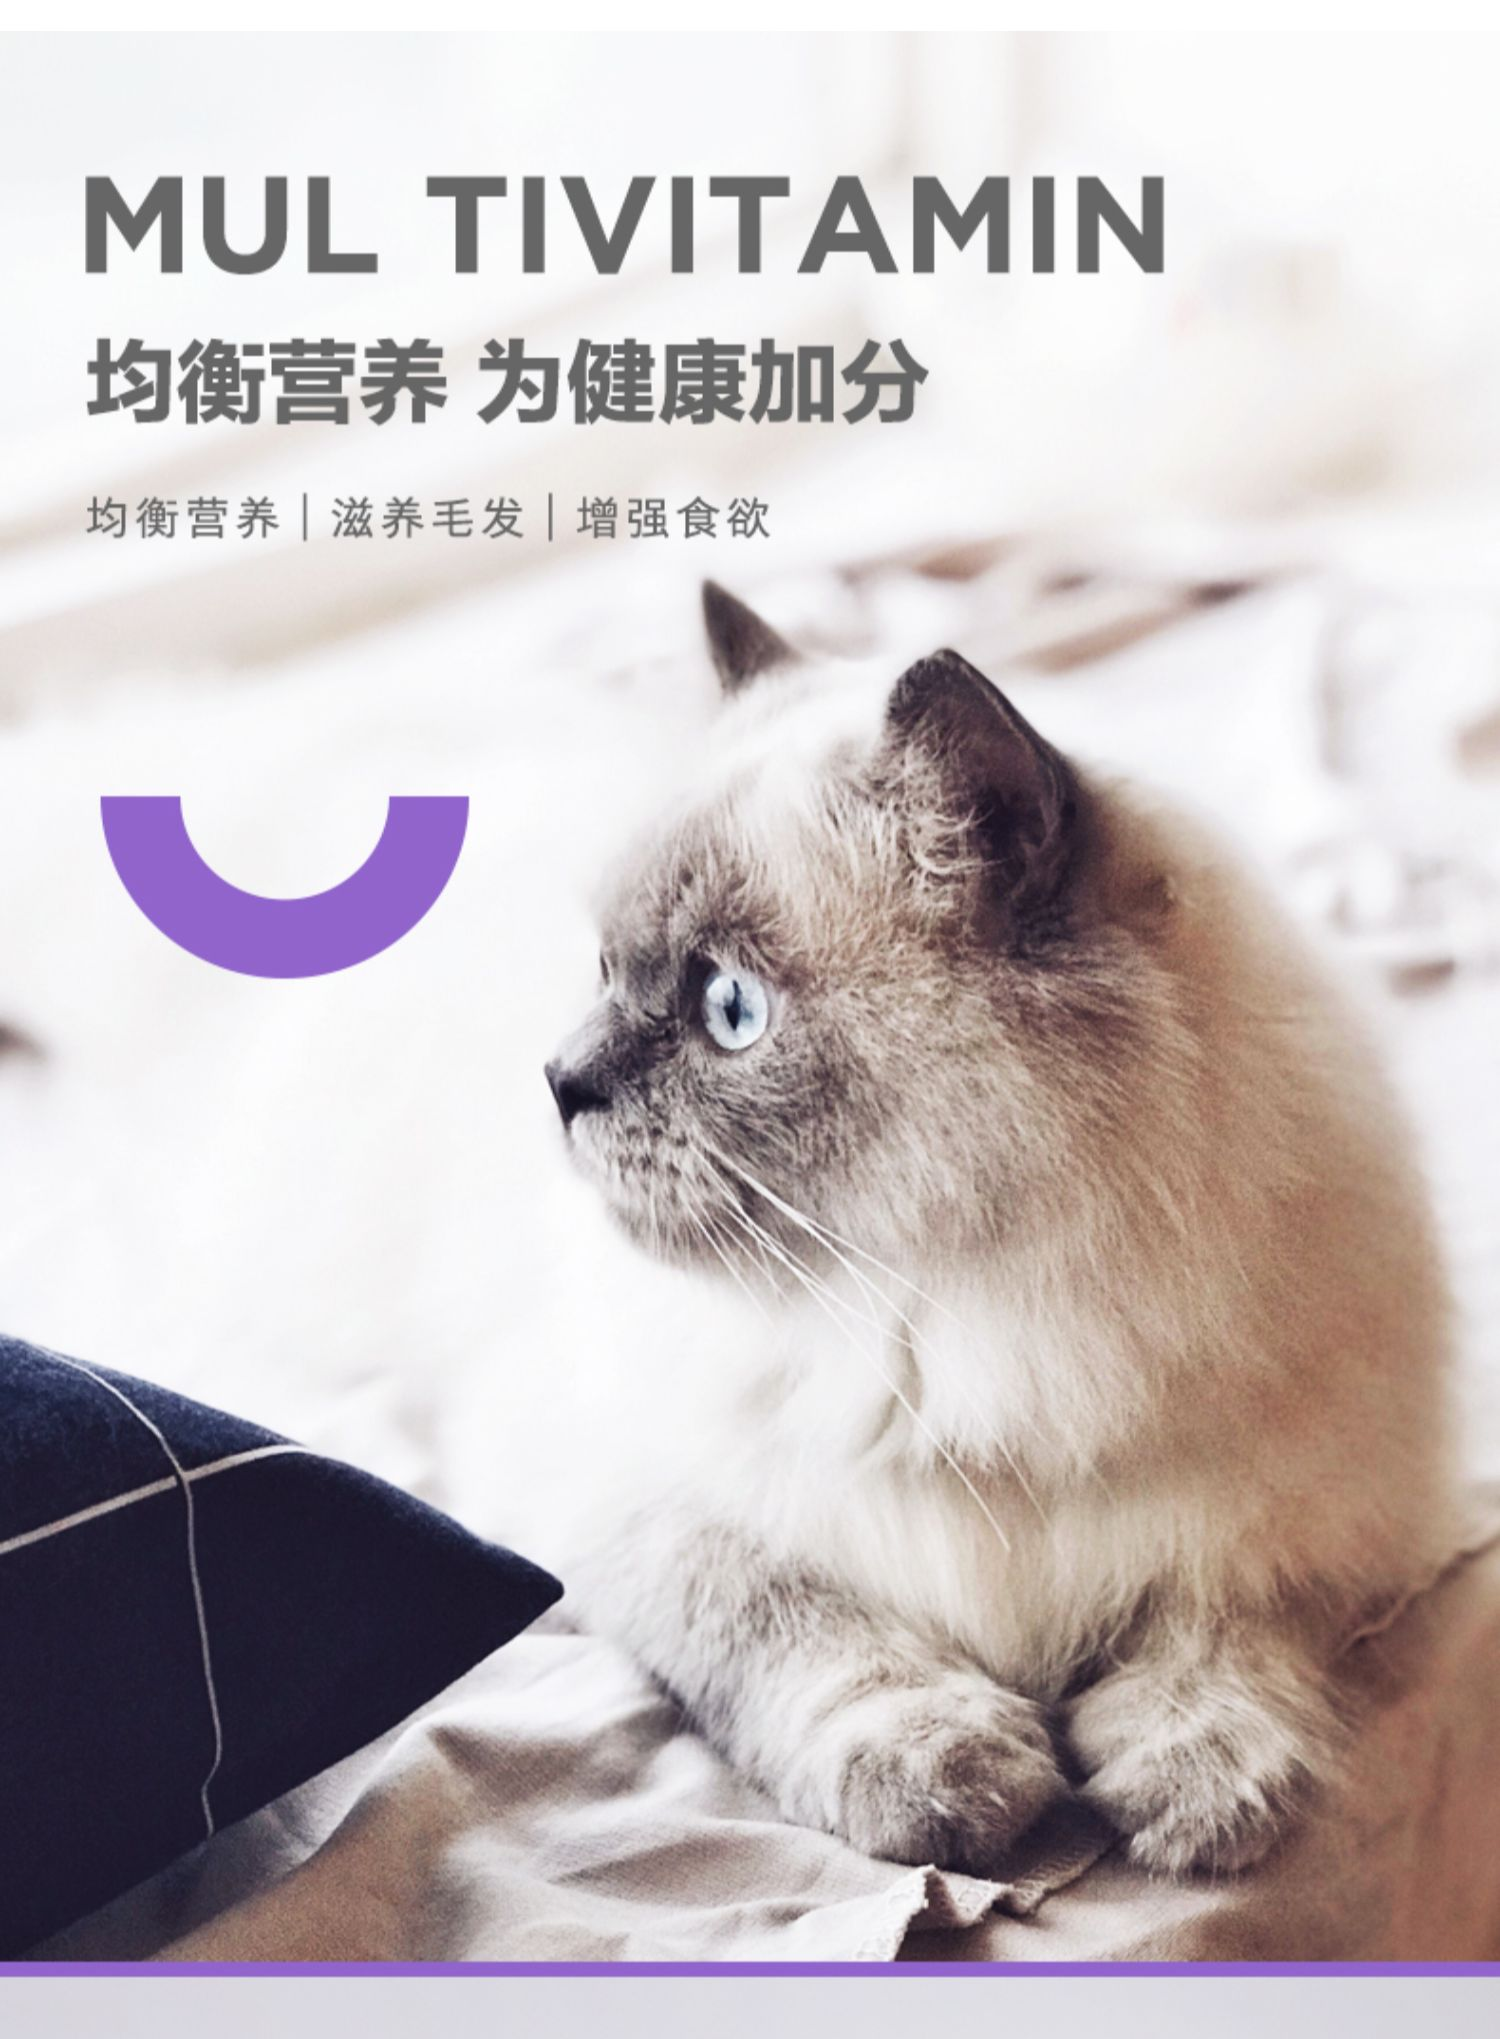 卫仕猫多维复合猫用维生素b片卫士幼猫营养品宠物猫癣维他命200p商品详情图